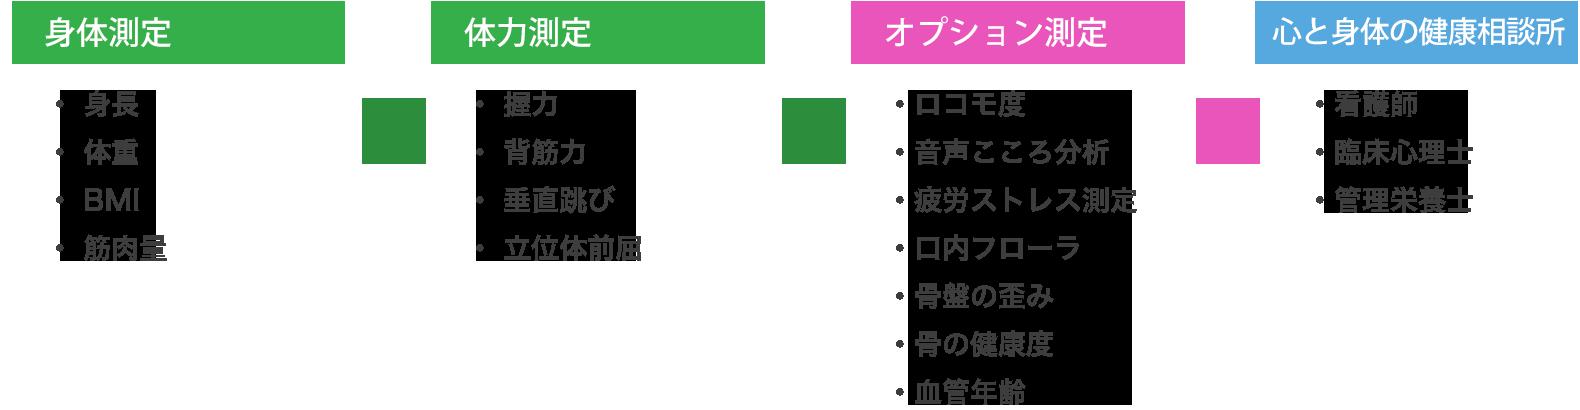 healthlab_menu